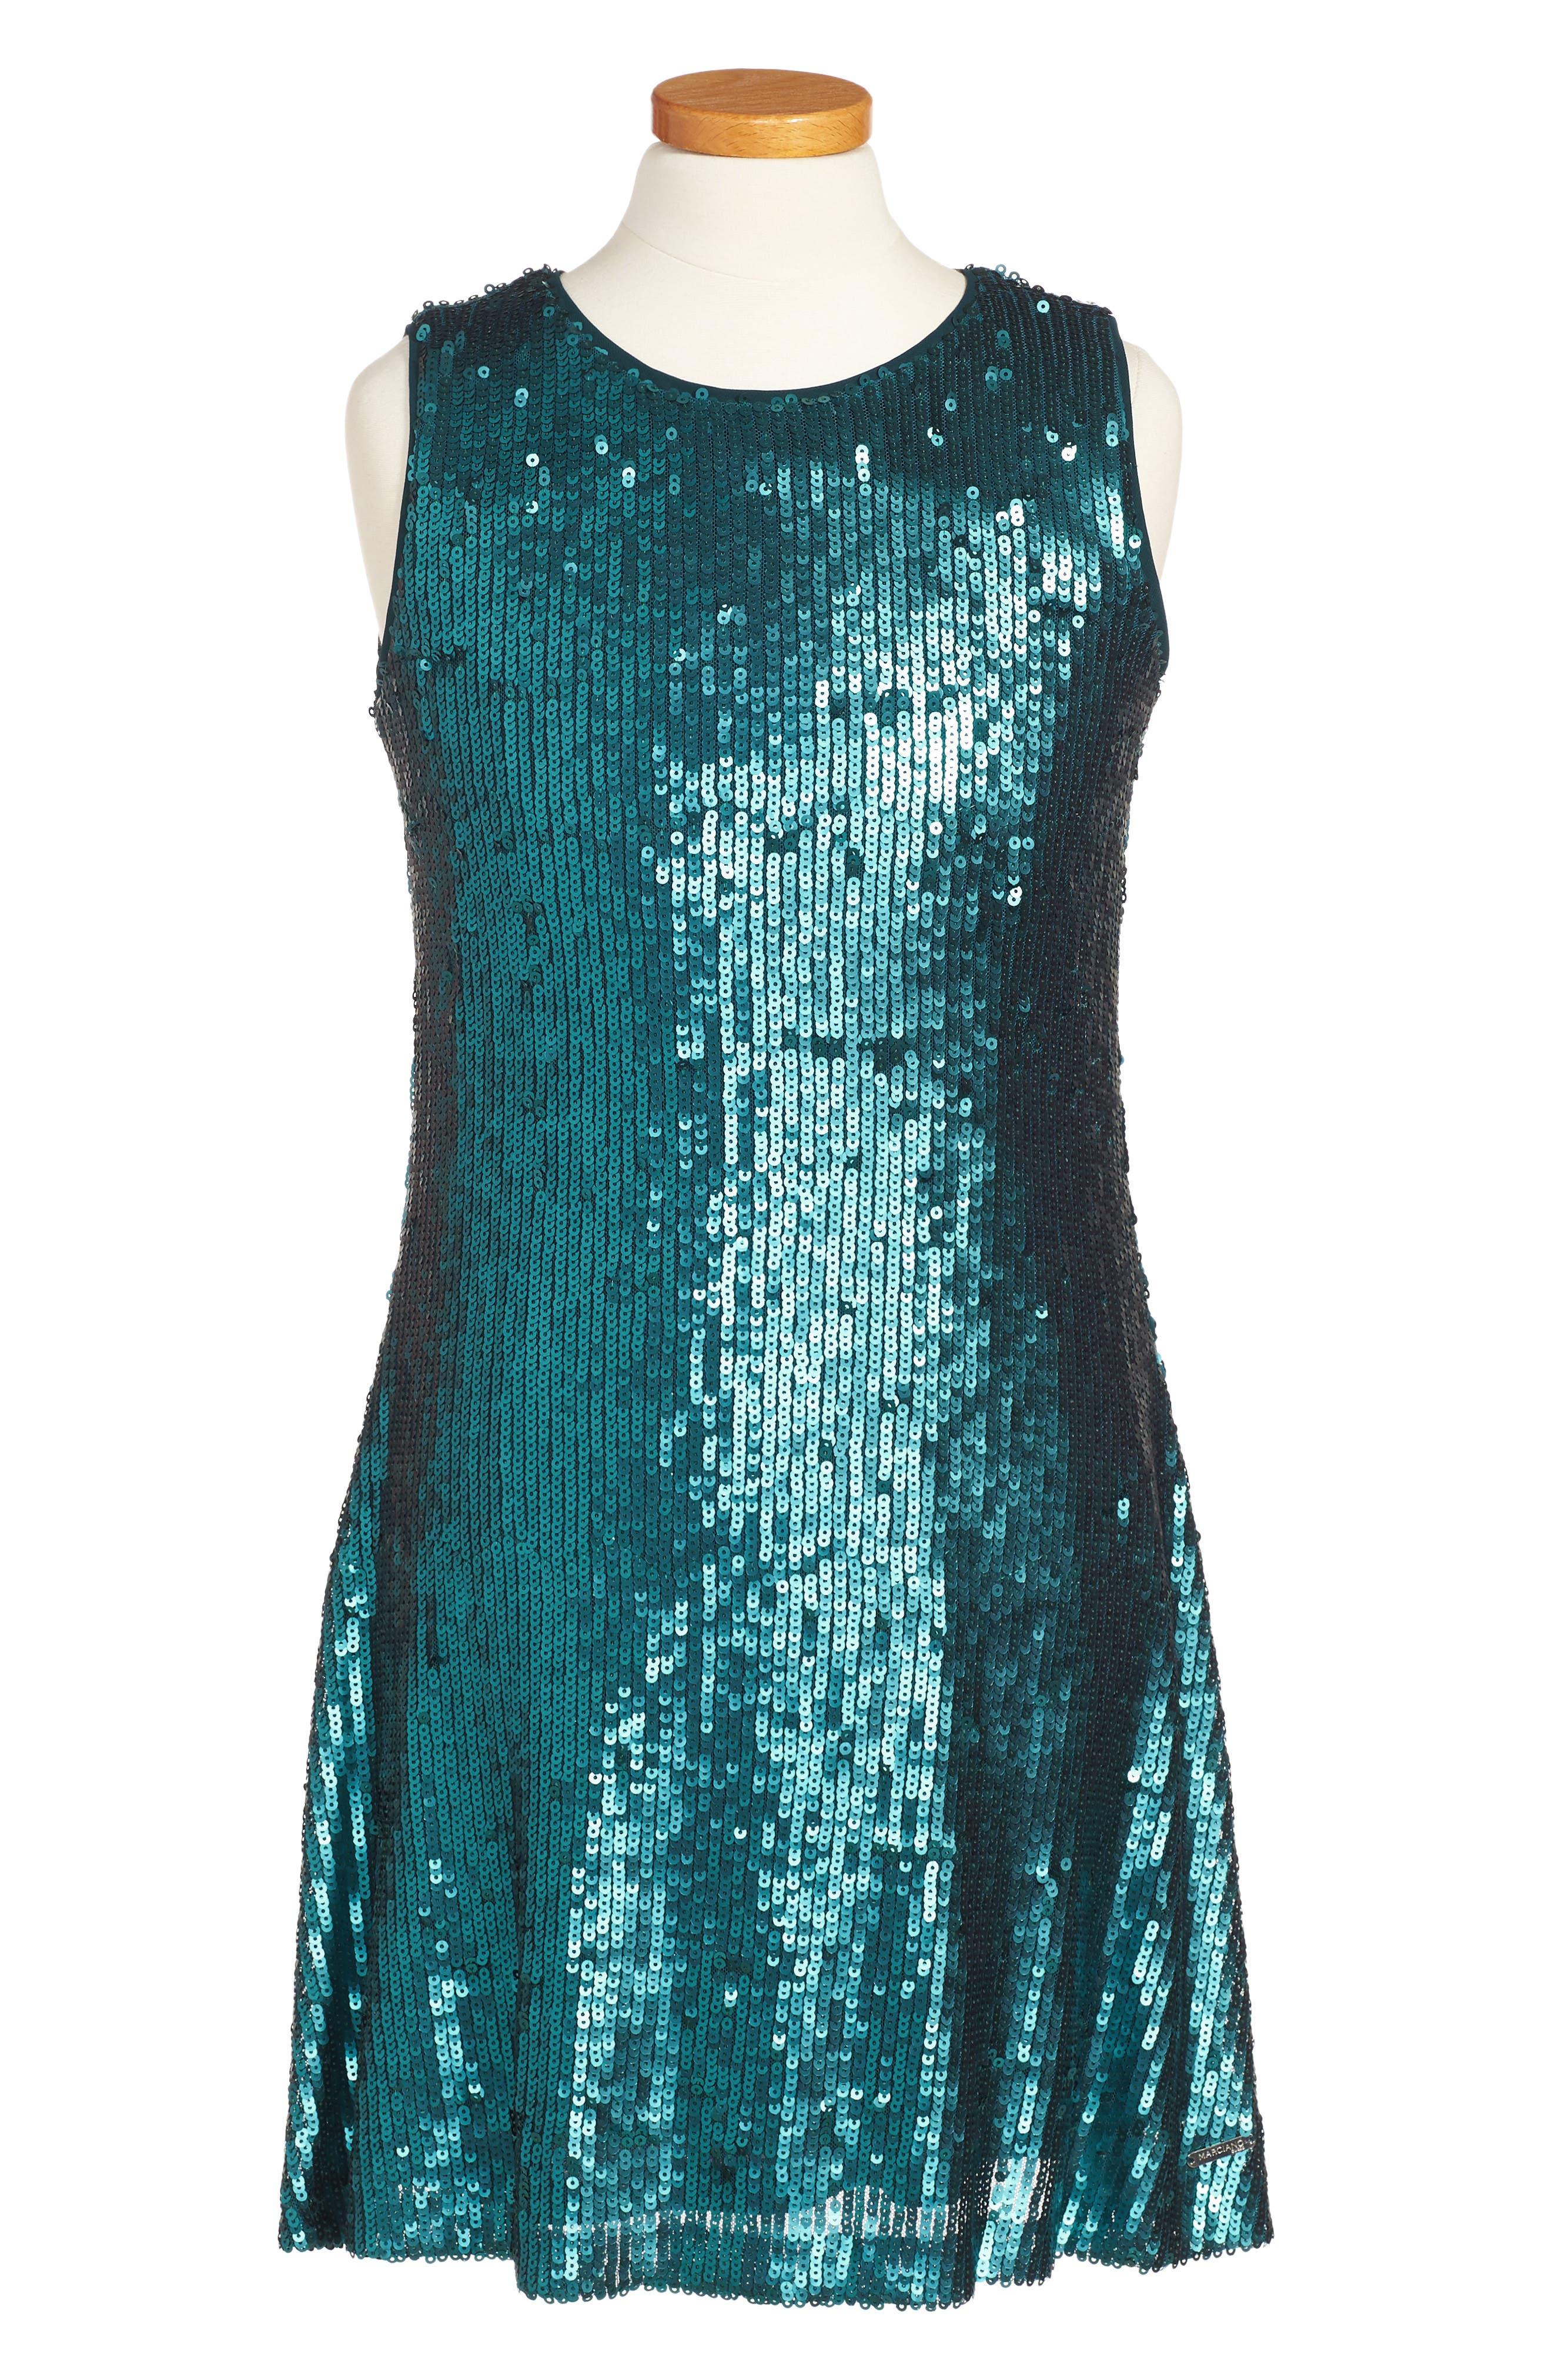 Sequin A-Line Dress,                             Main thumbnail 1, color,                             400